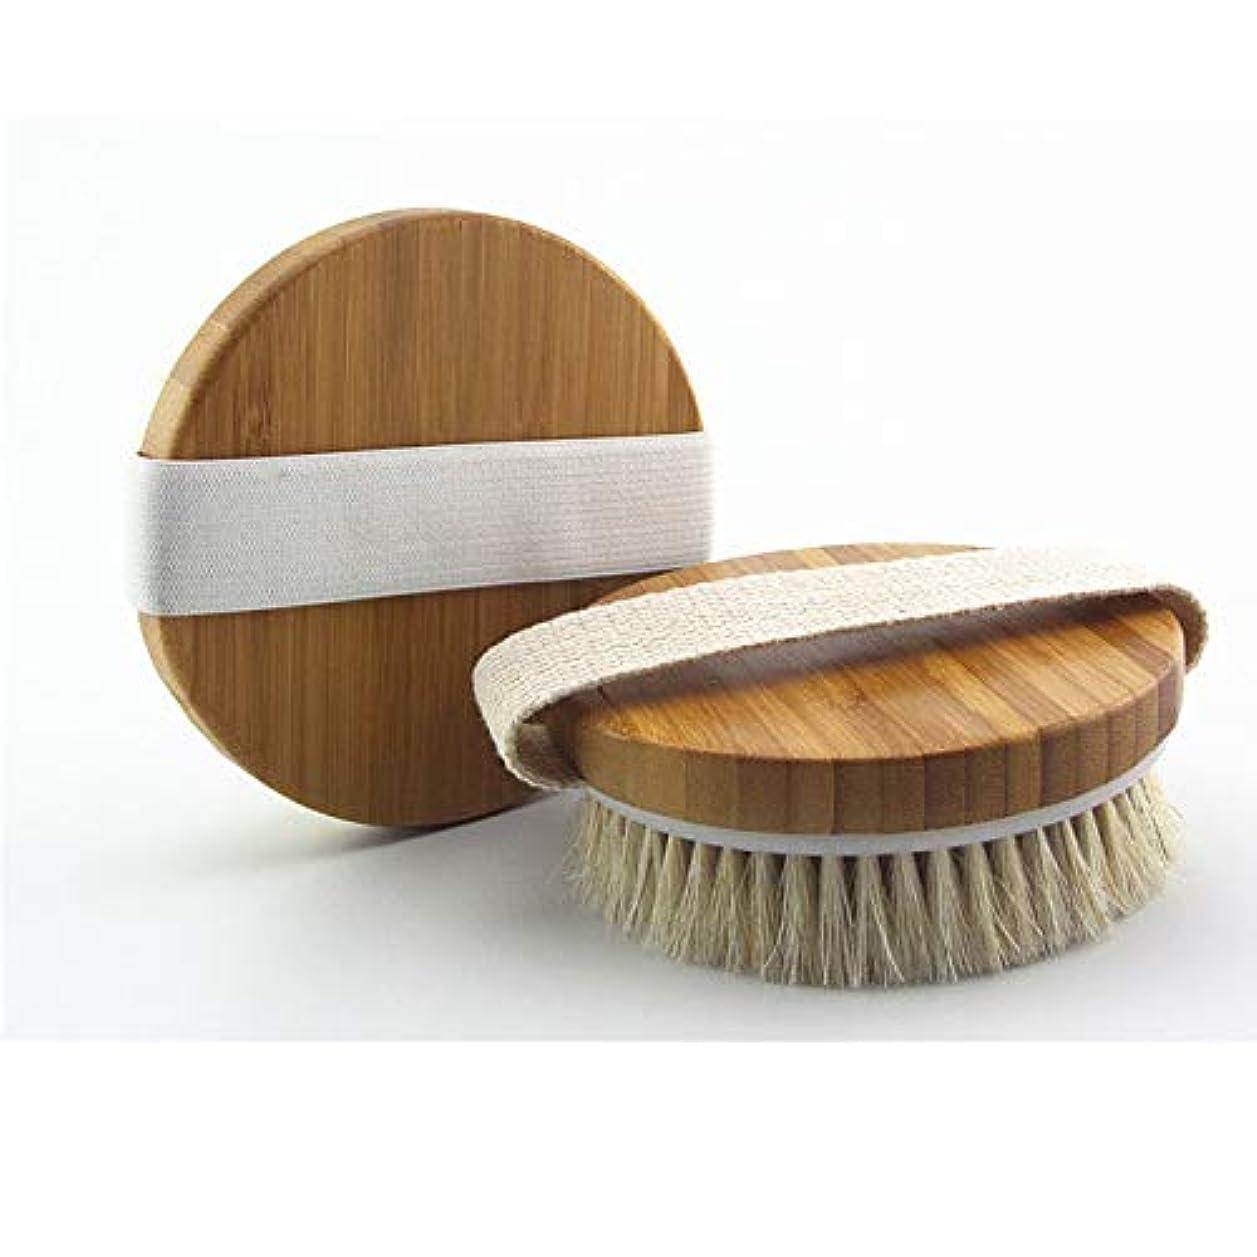 スキッパー眠るに同意するUSAMS ボディブラシ 馬毛100% 角質除去 全身マッサージ 背中 バス用品 お風呂用 美肌